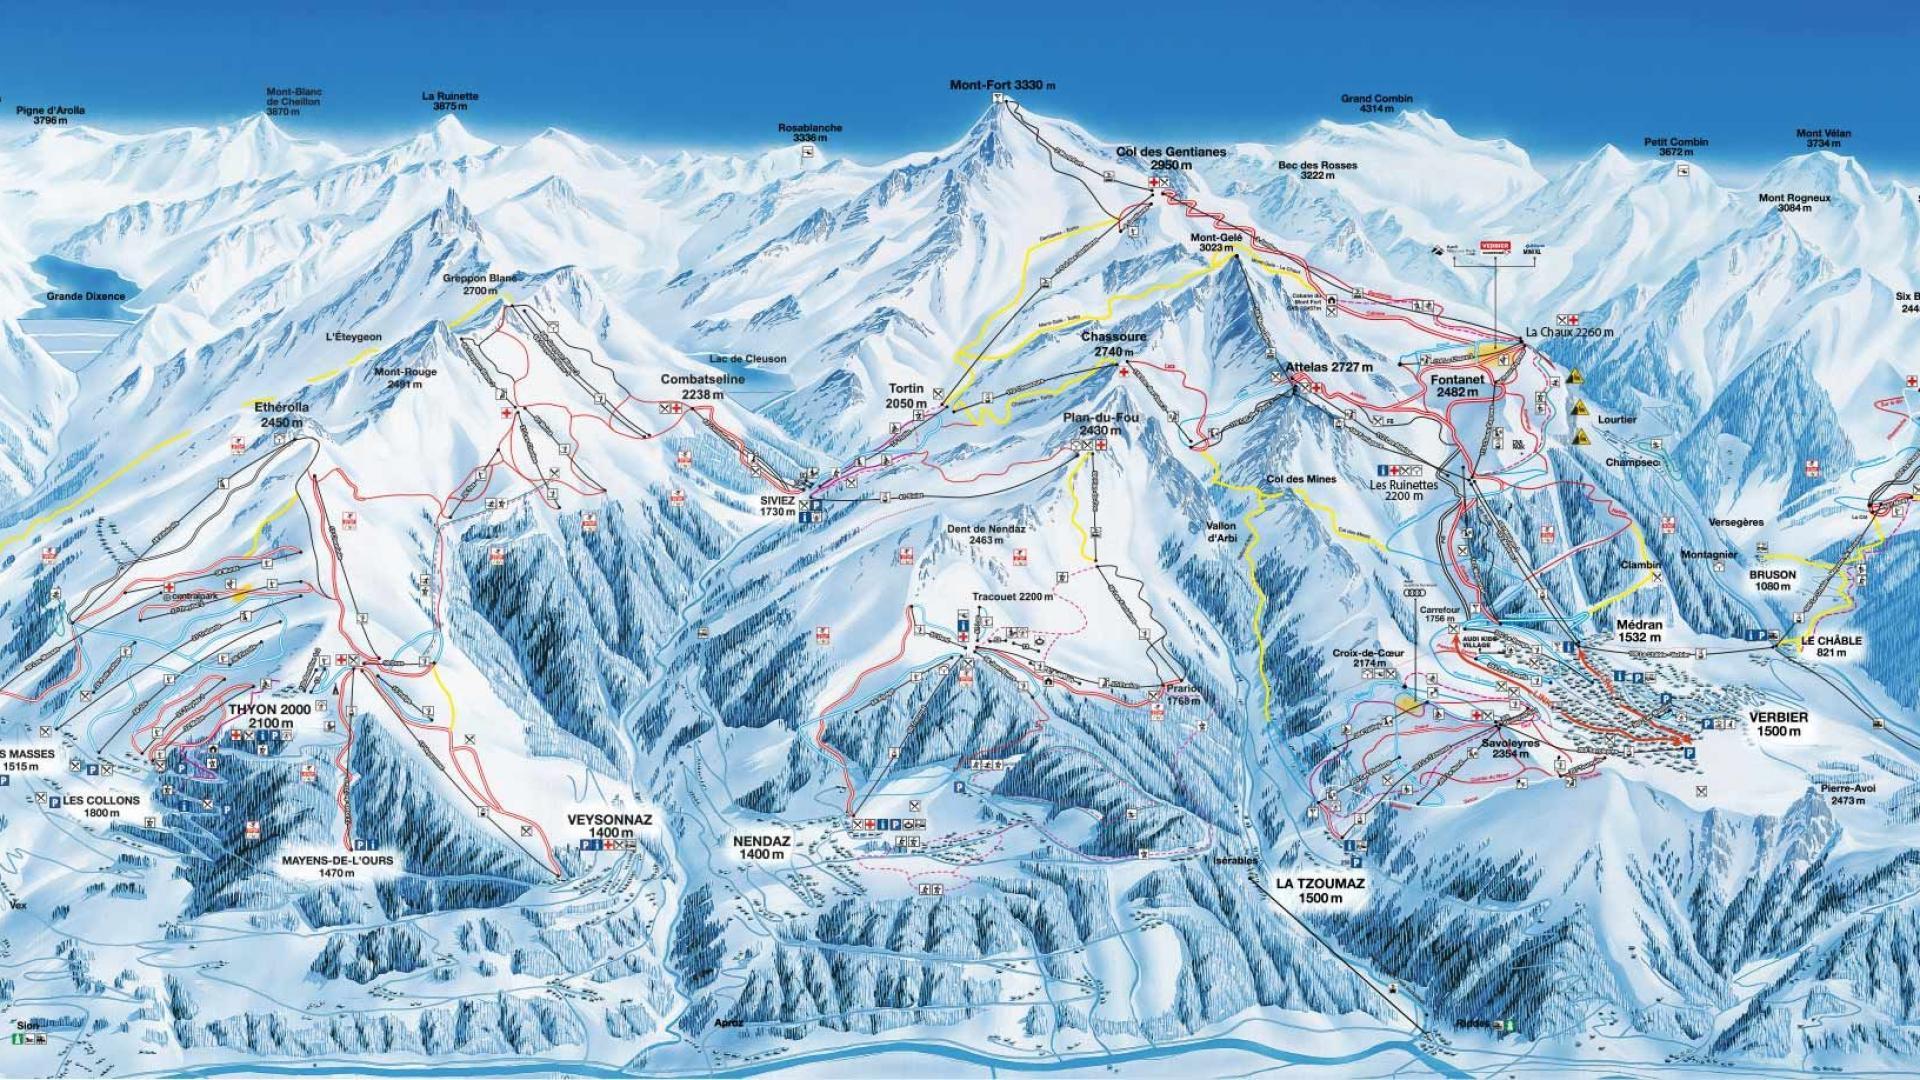 skiing in Verbier, Verbier piste map